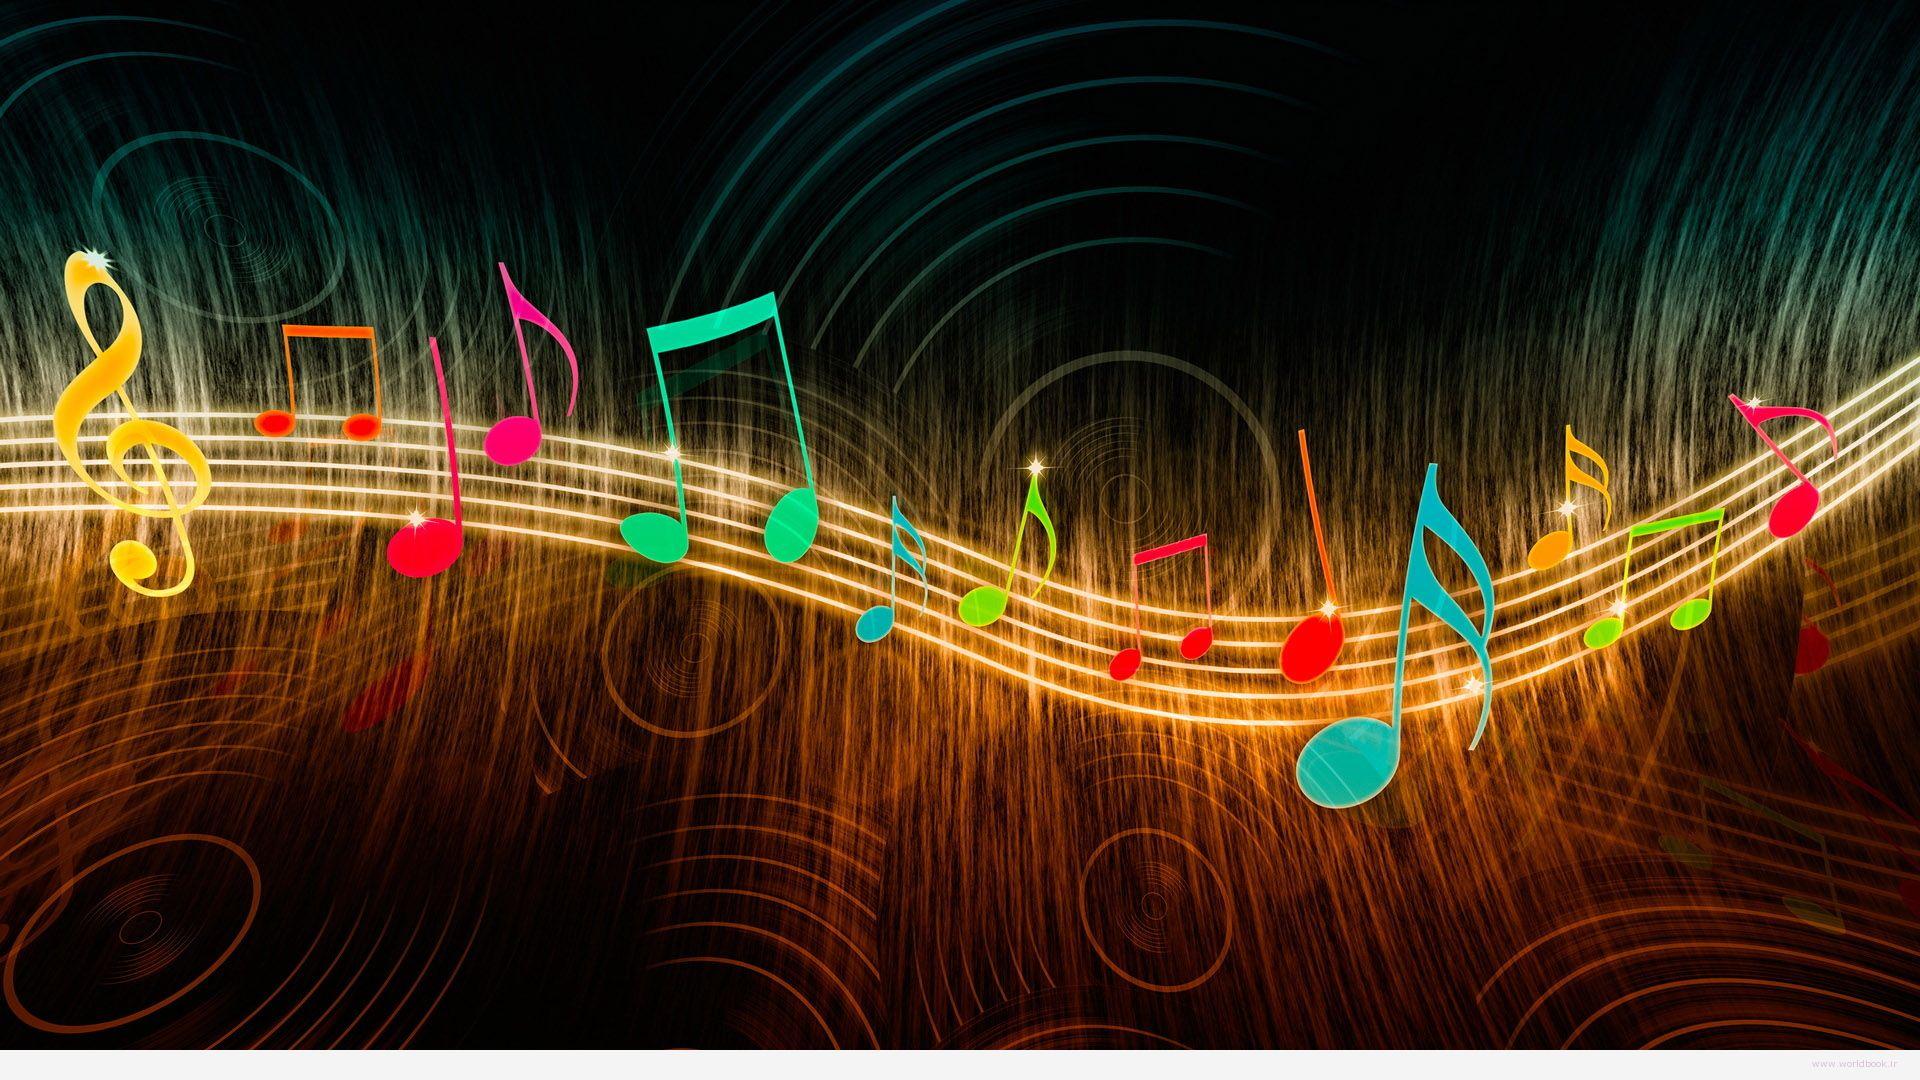 تصویر از دانلود آهنگ لایت فوق العاده زیبا از احمد کوچ به نام آغلاما آنا